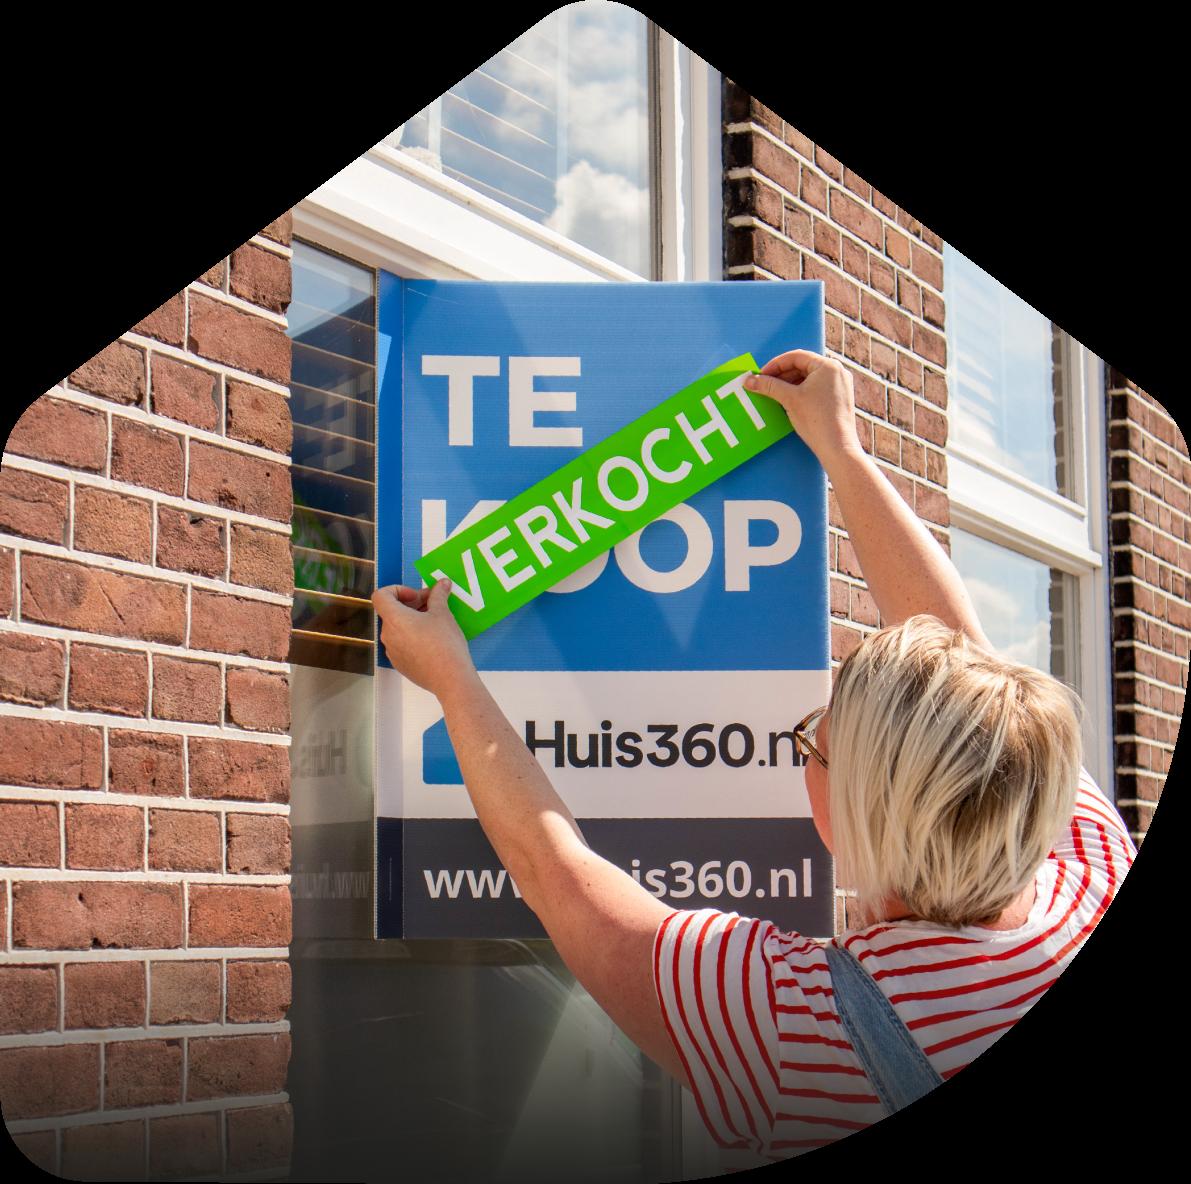 Zelf je huis verkopen-Huis360